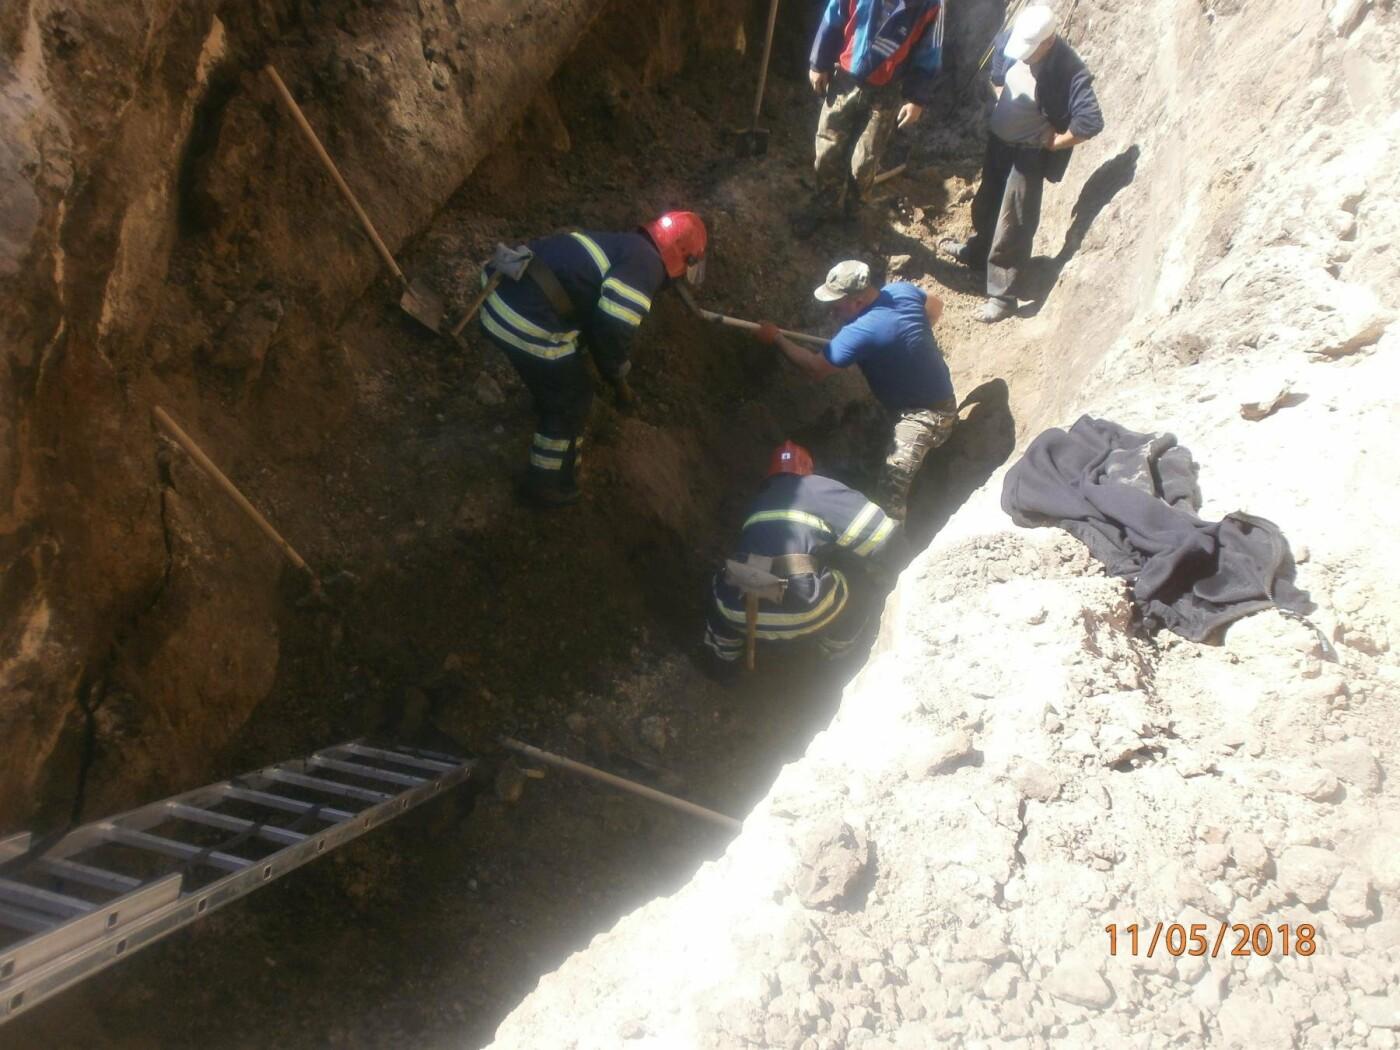 У Білій Церкві на будівельному майданчику двоє чоловіків провалилися під землю, фото-1